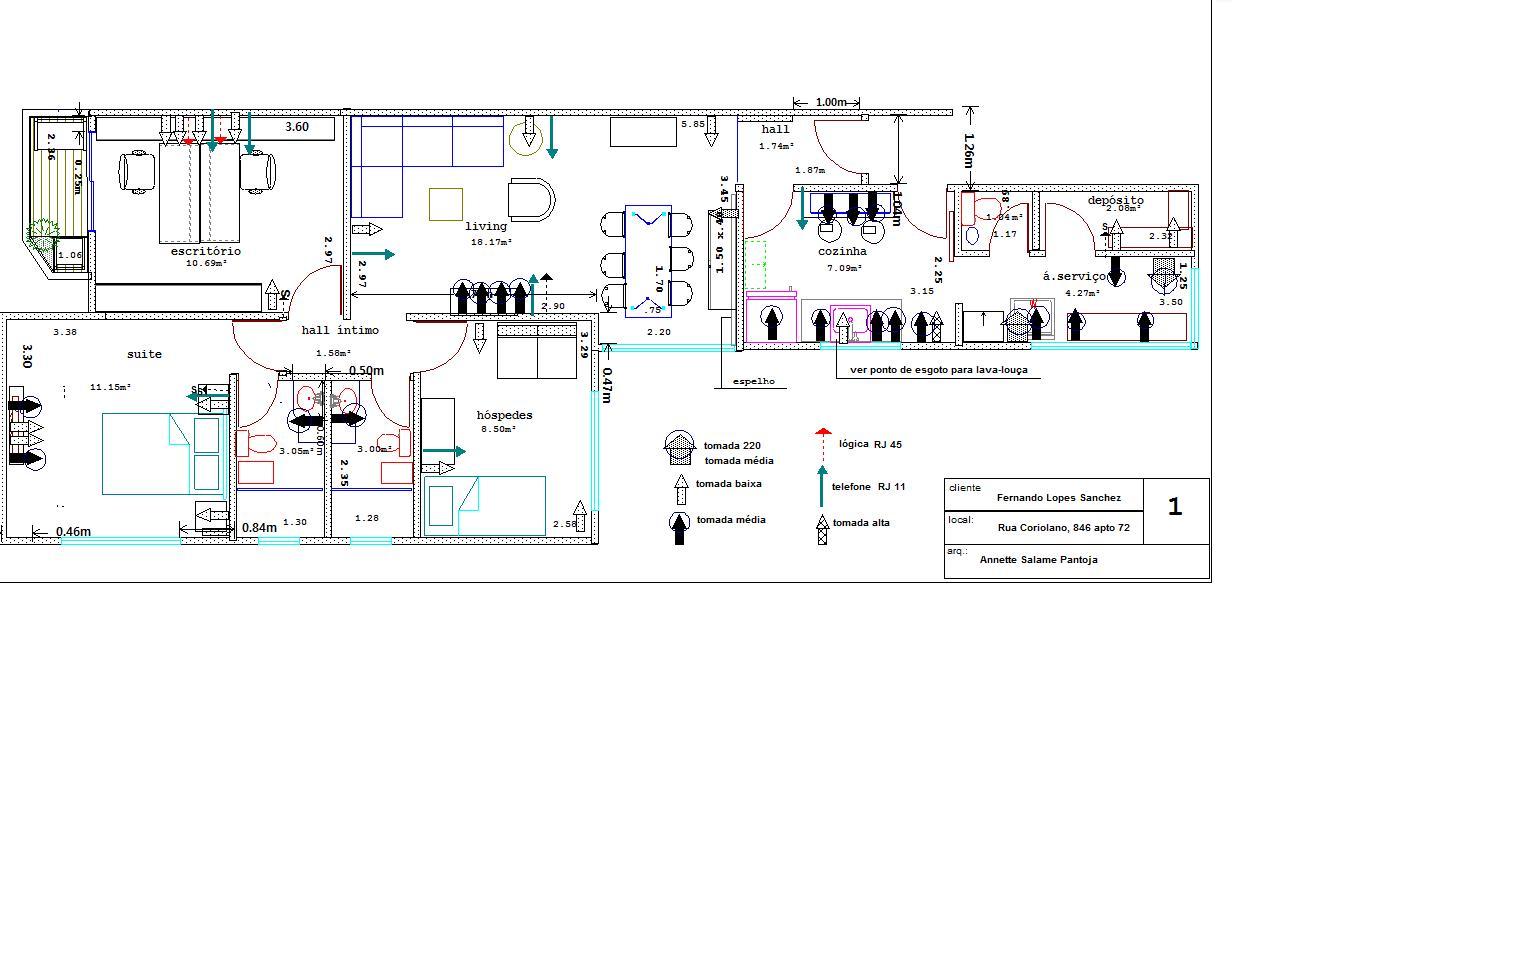 arquitetura & decor: um projeto de reforma plantas e algúns detalhes #317C7C 1536 960